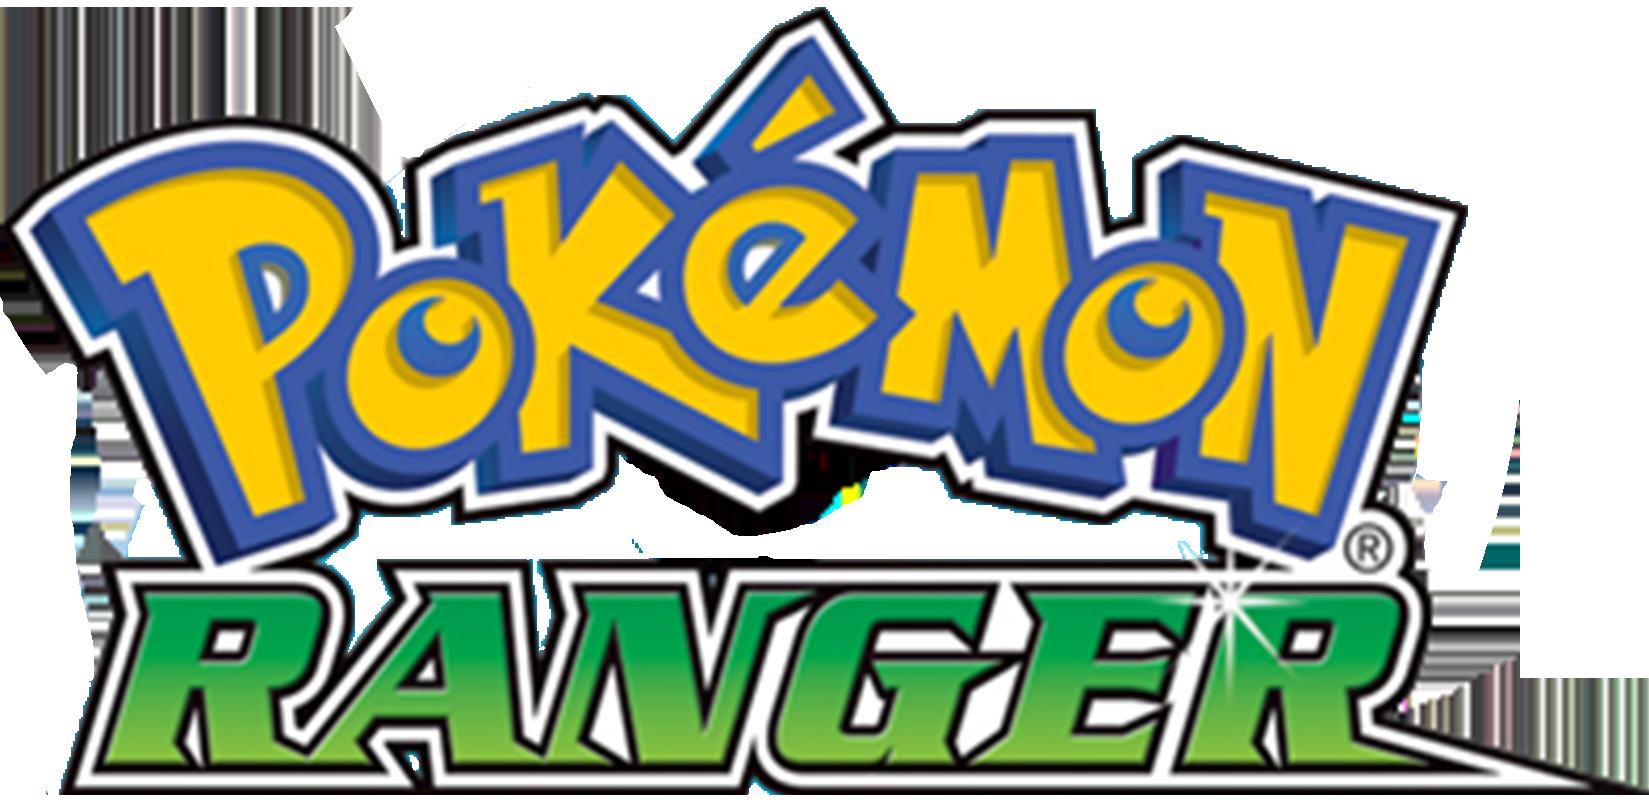 Pokémon Ranger (video game series)